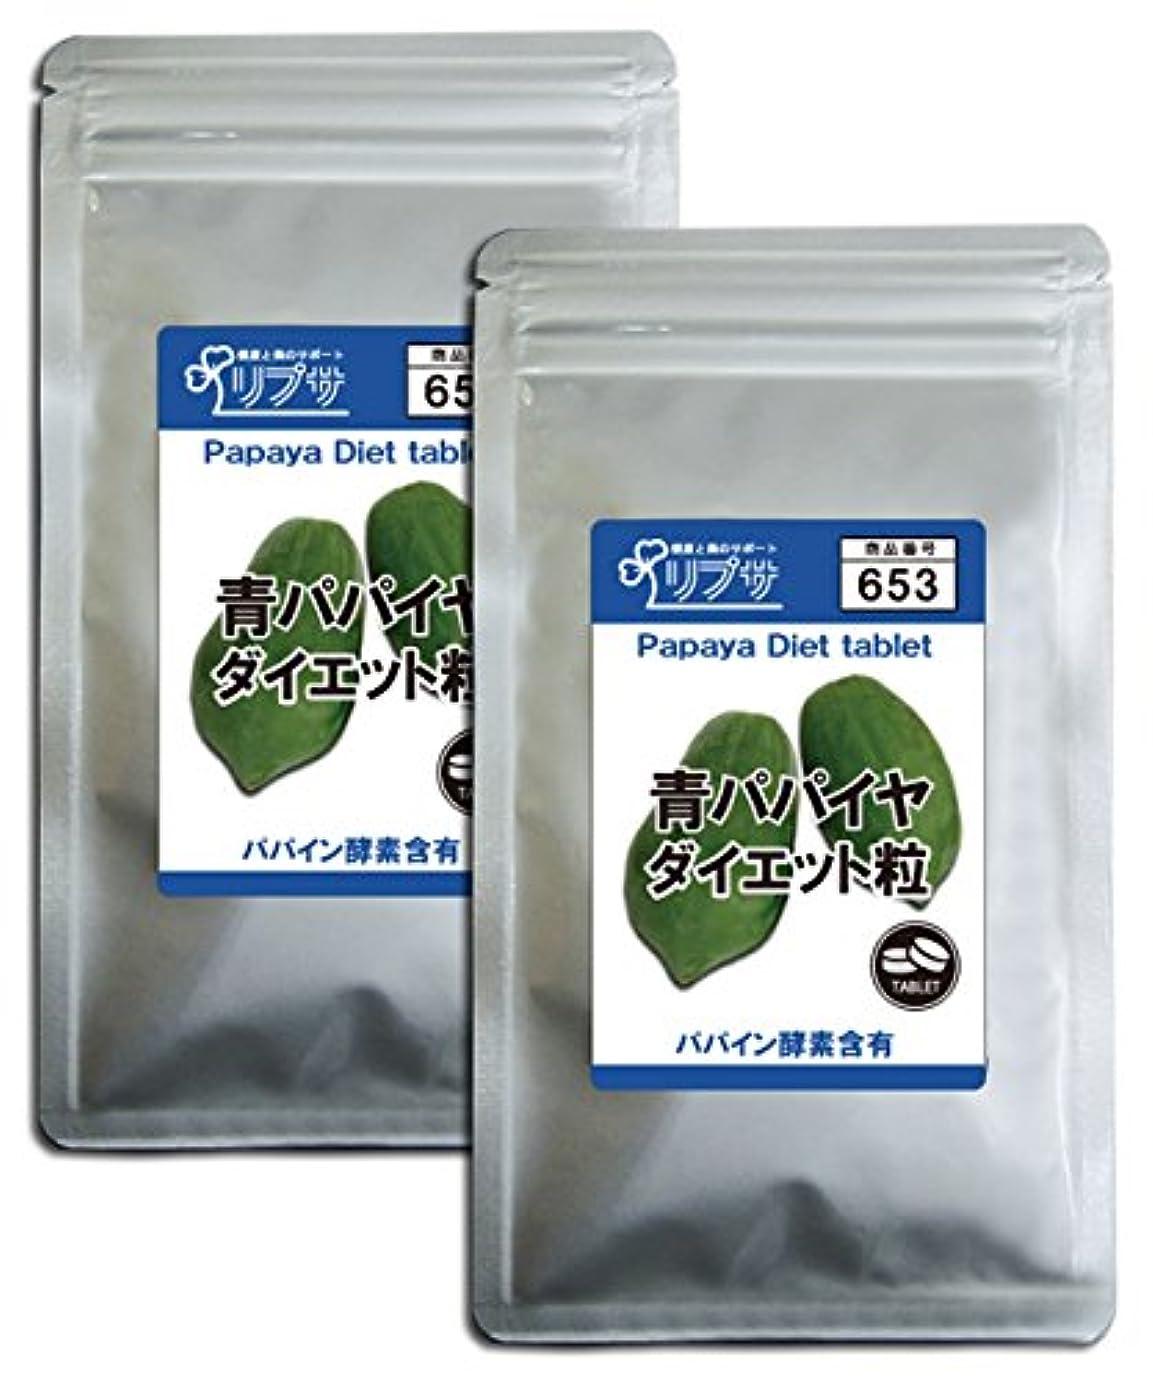 放棄する進捗温室青パパイヤダイエット粒 約3か月分×2袋 T-653-2